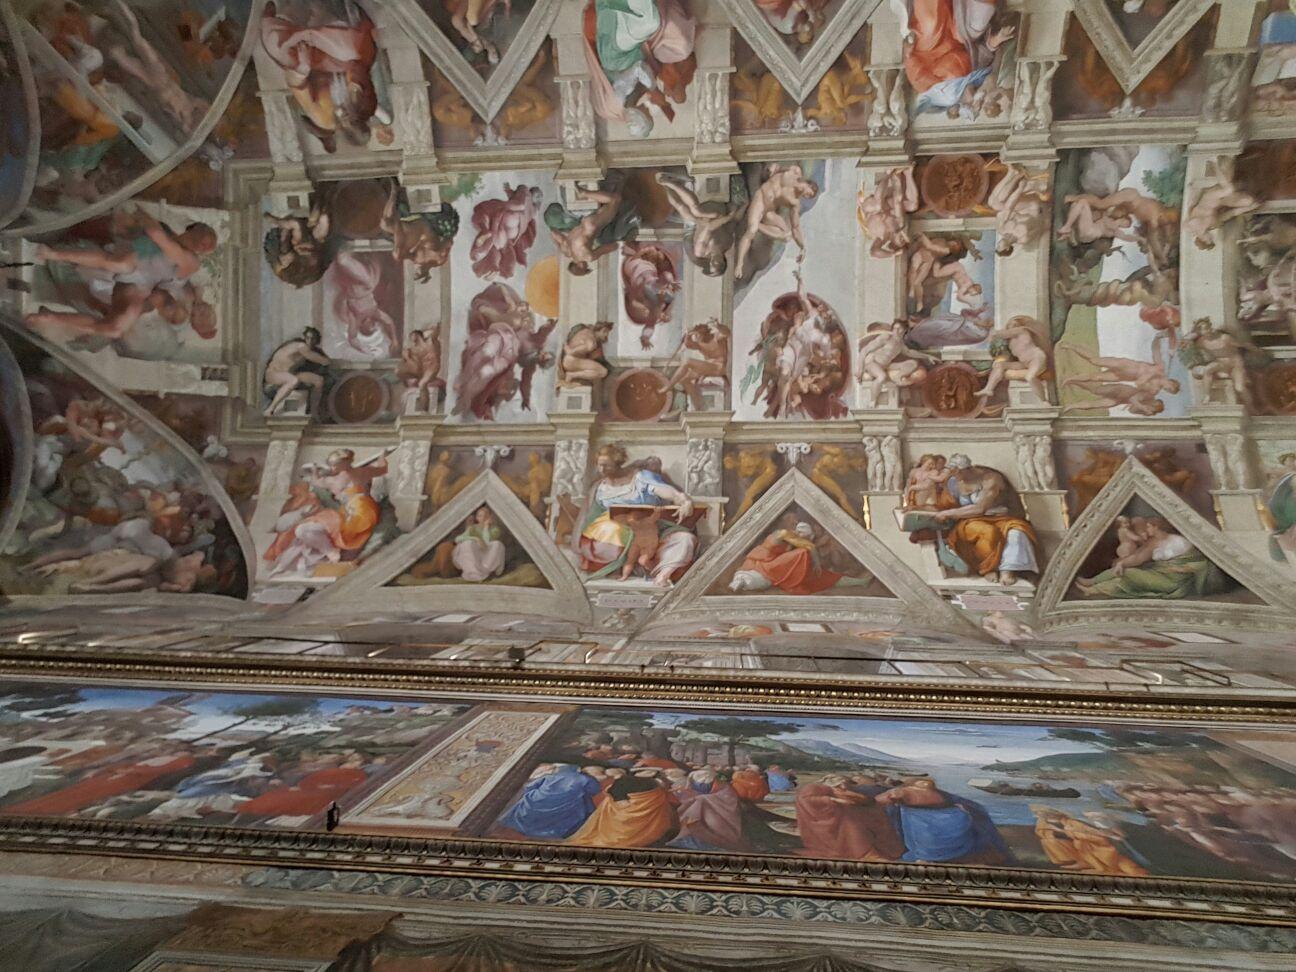 chapelle-sixtine-rome